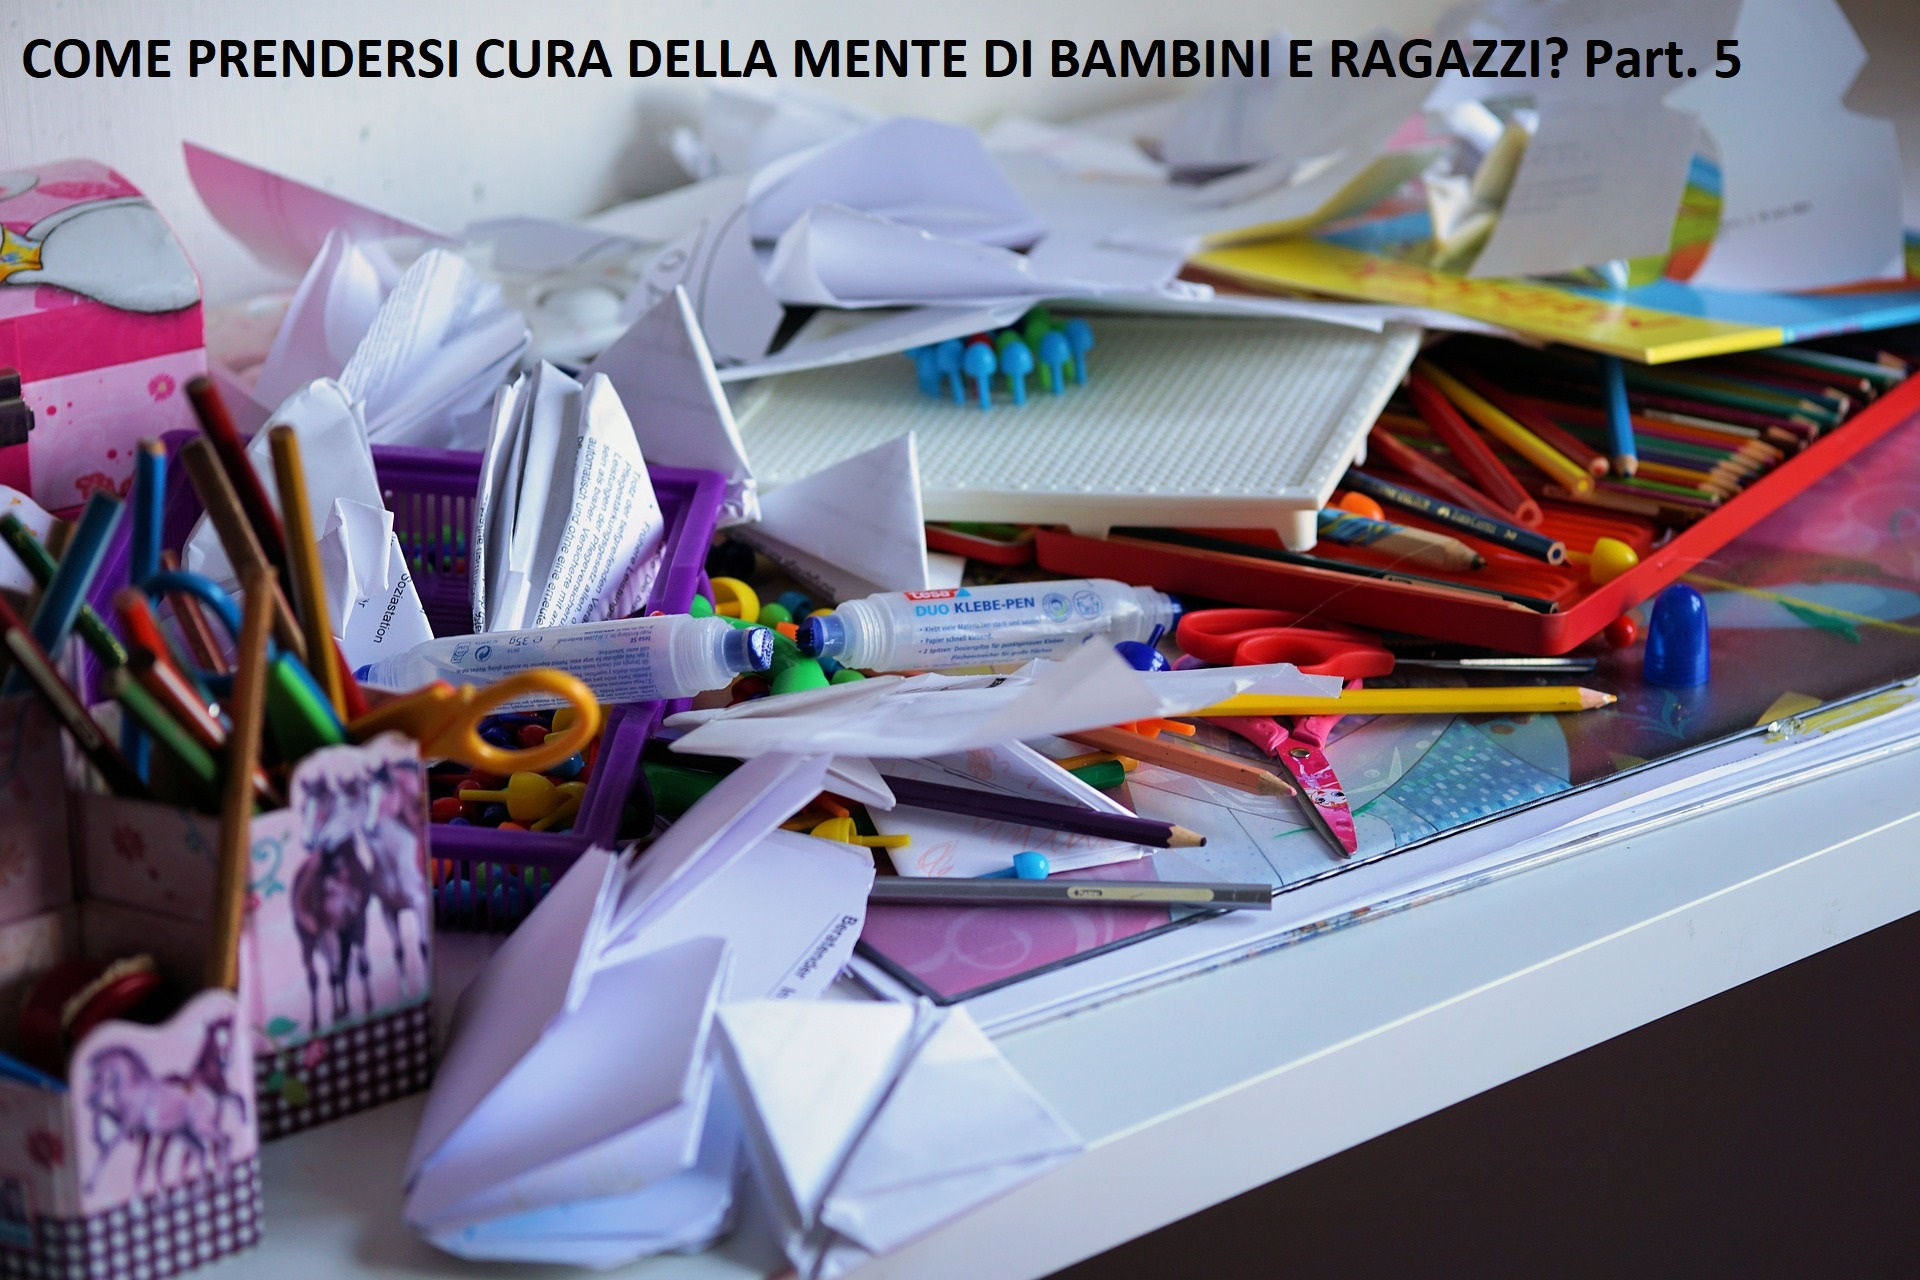 COME PRENDERSI CURA DELLA MENTE DI BAMBINI E RAGAZZI? Part. 5